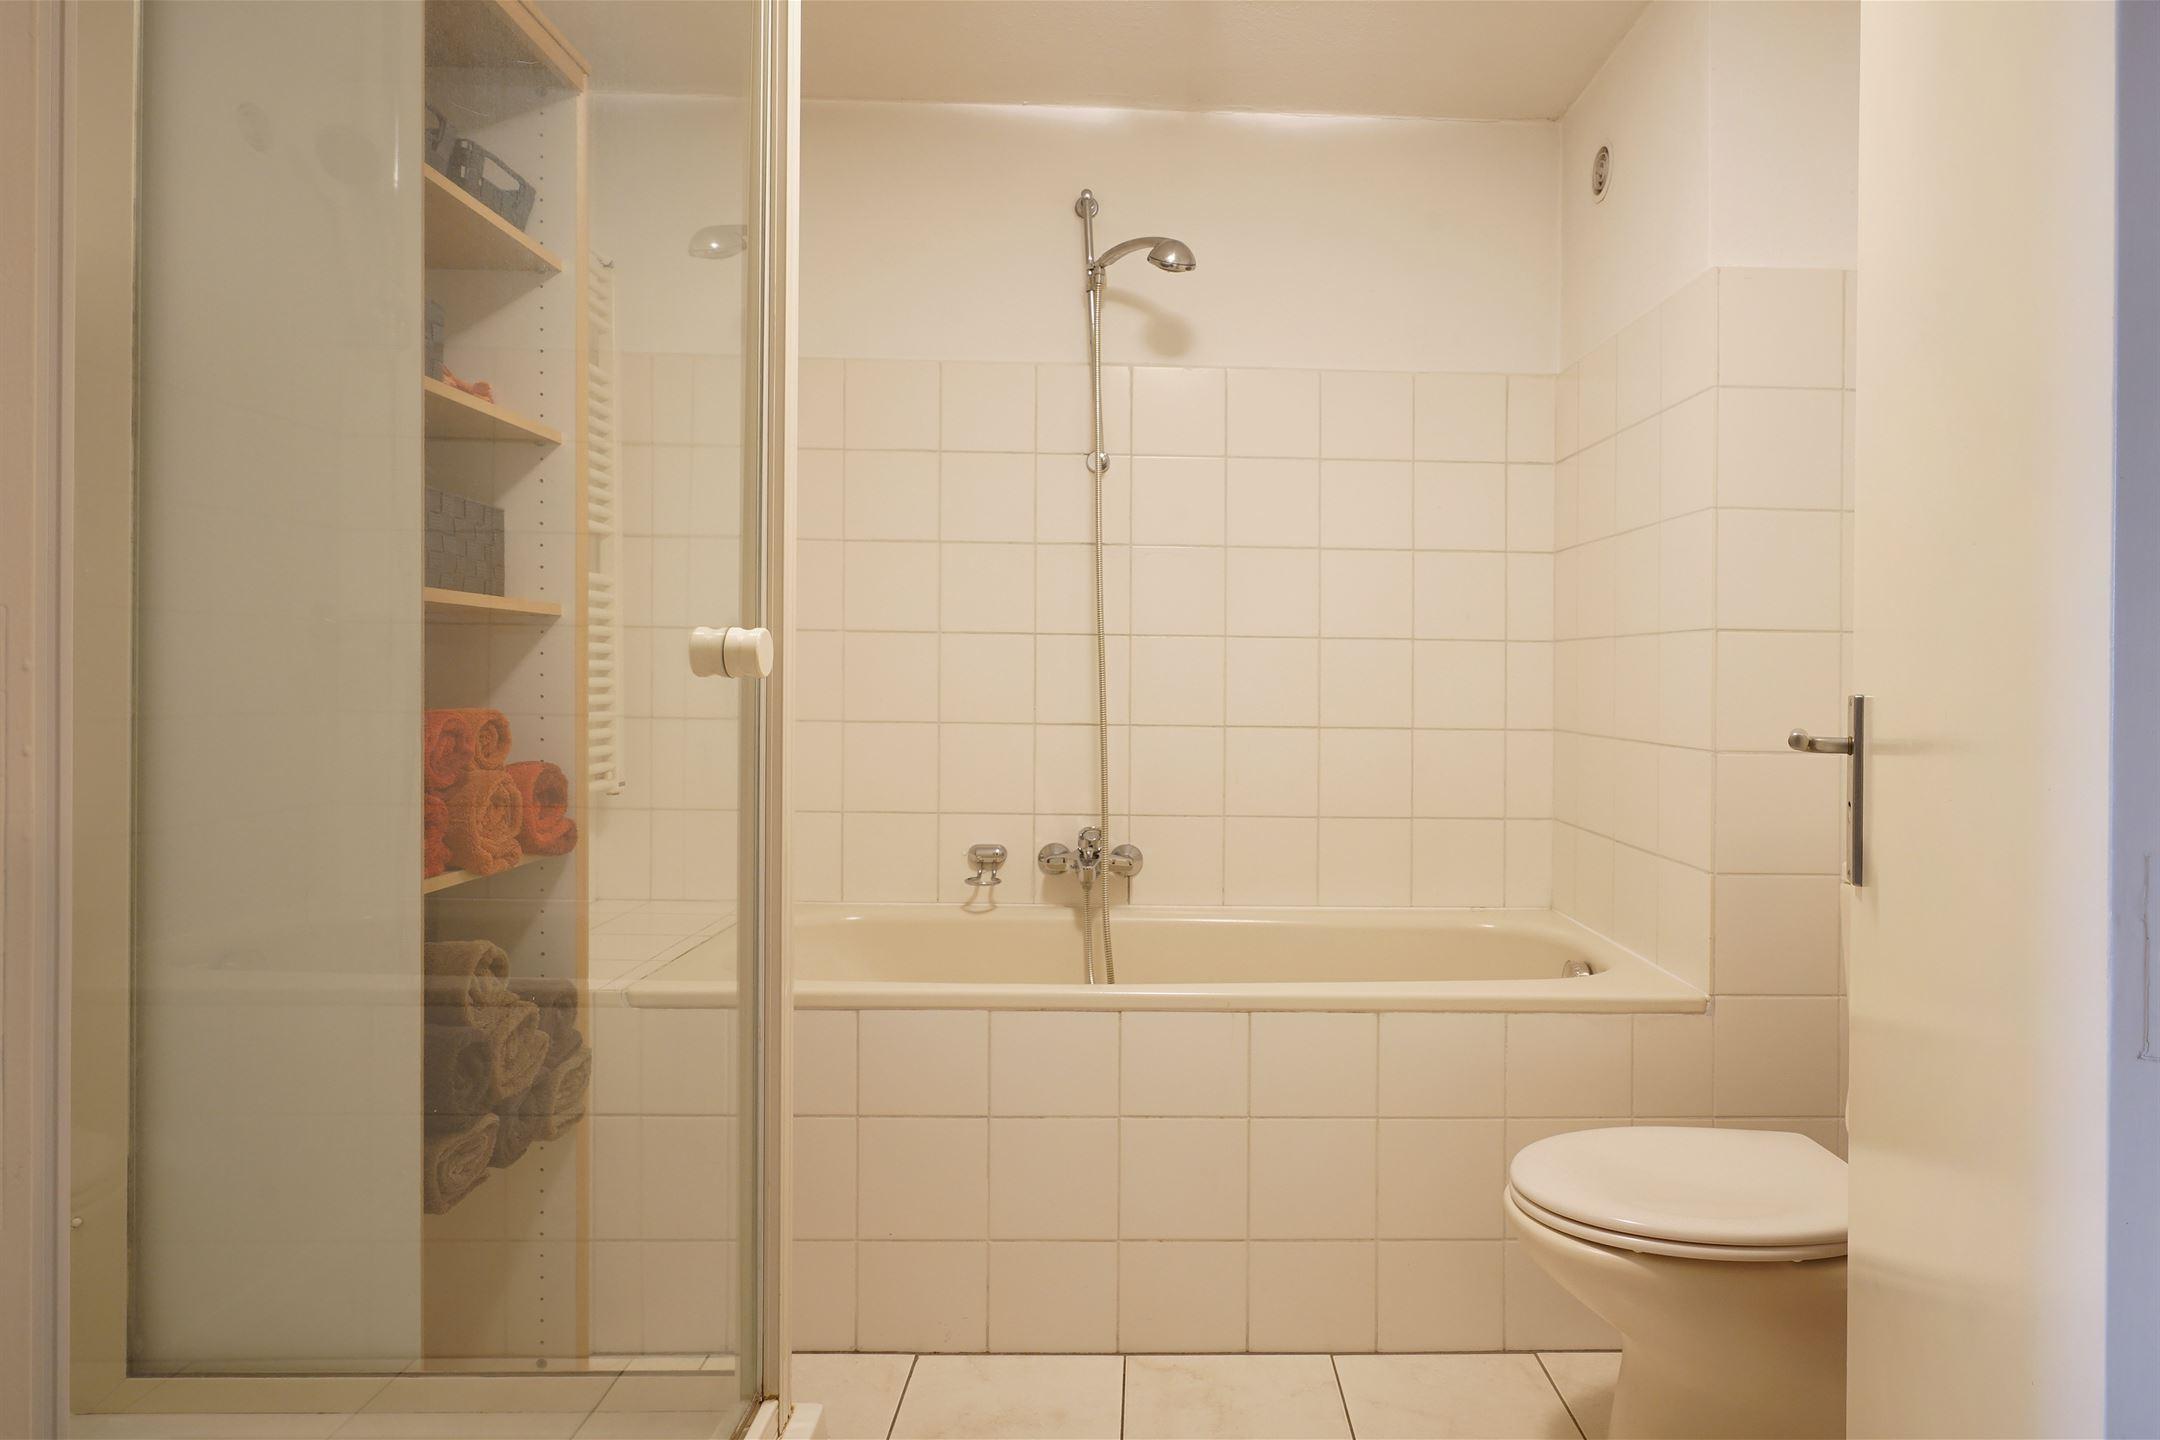 Verkocht grotestraat 4 5141 ha waalwijk funda for Sauna waalwijk